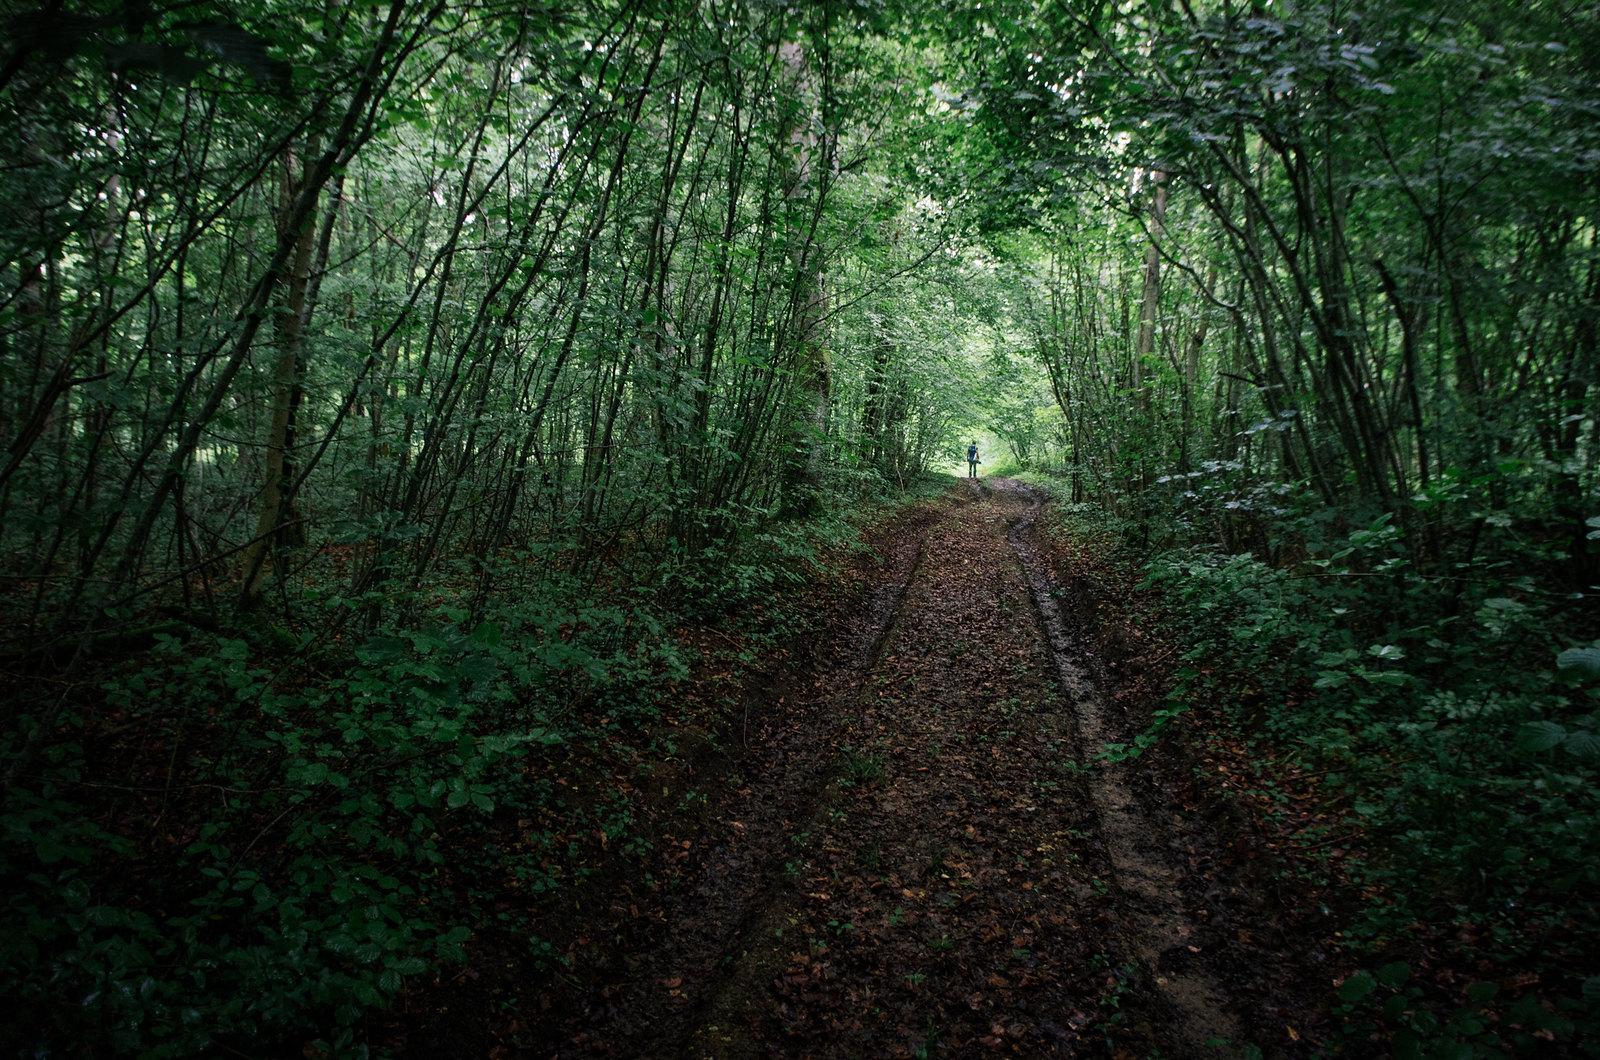 Le vent des forêts - art contemporain et randonnée en forêt